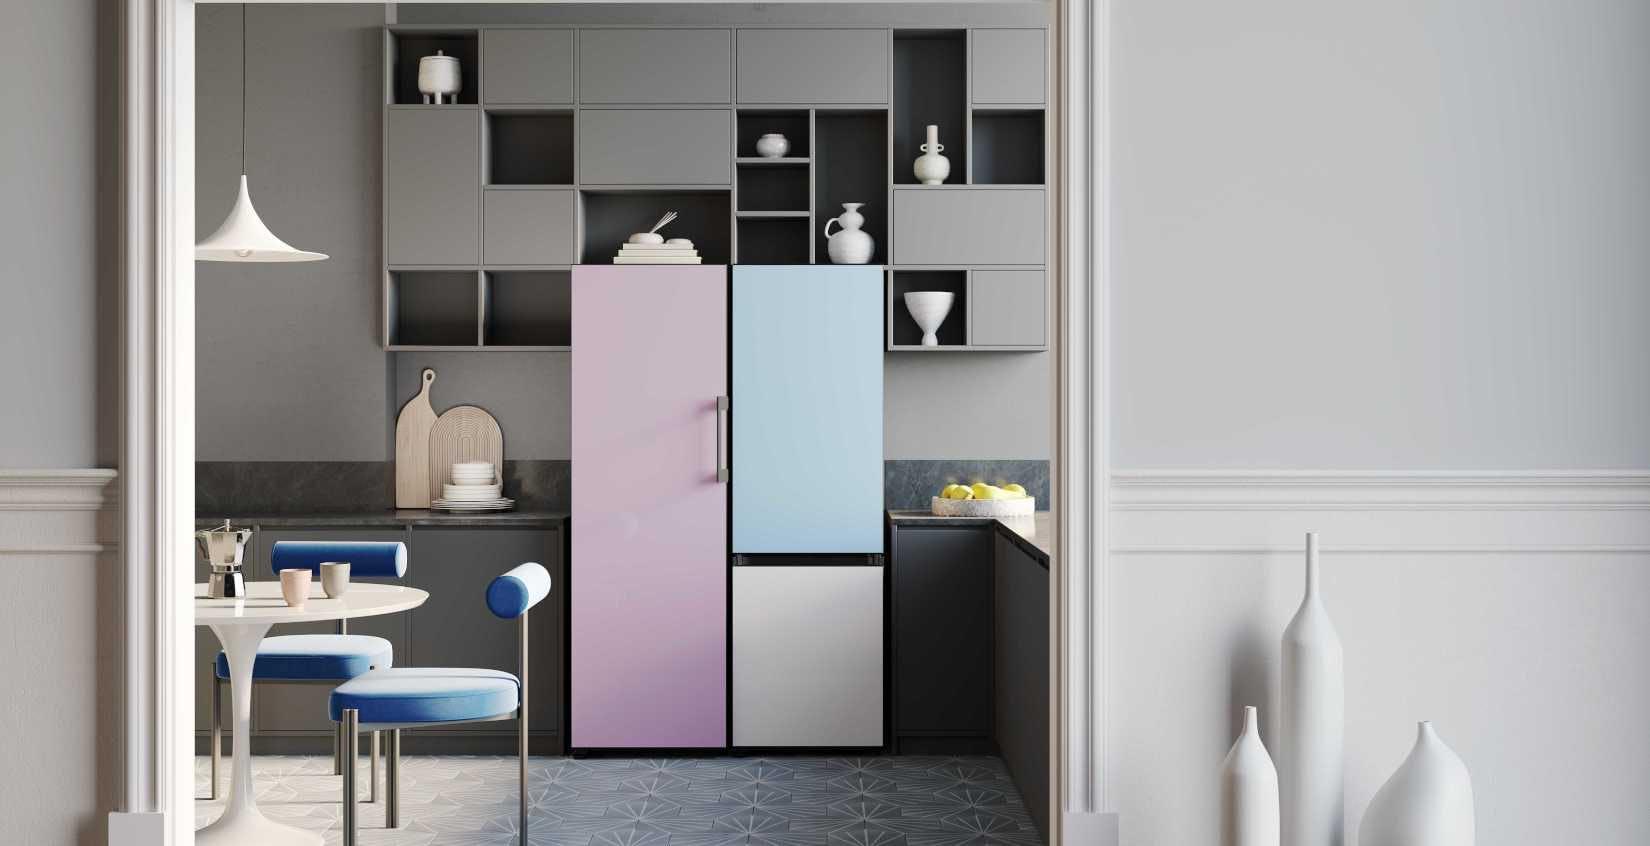 Samsung porta in Italia i frigoriferi personalizzabili: l'utente può scegliere moduli, colori e finiture